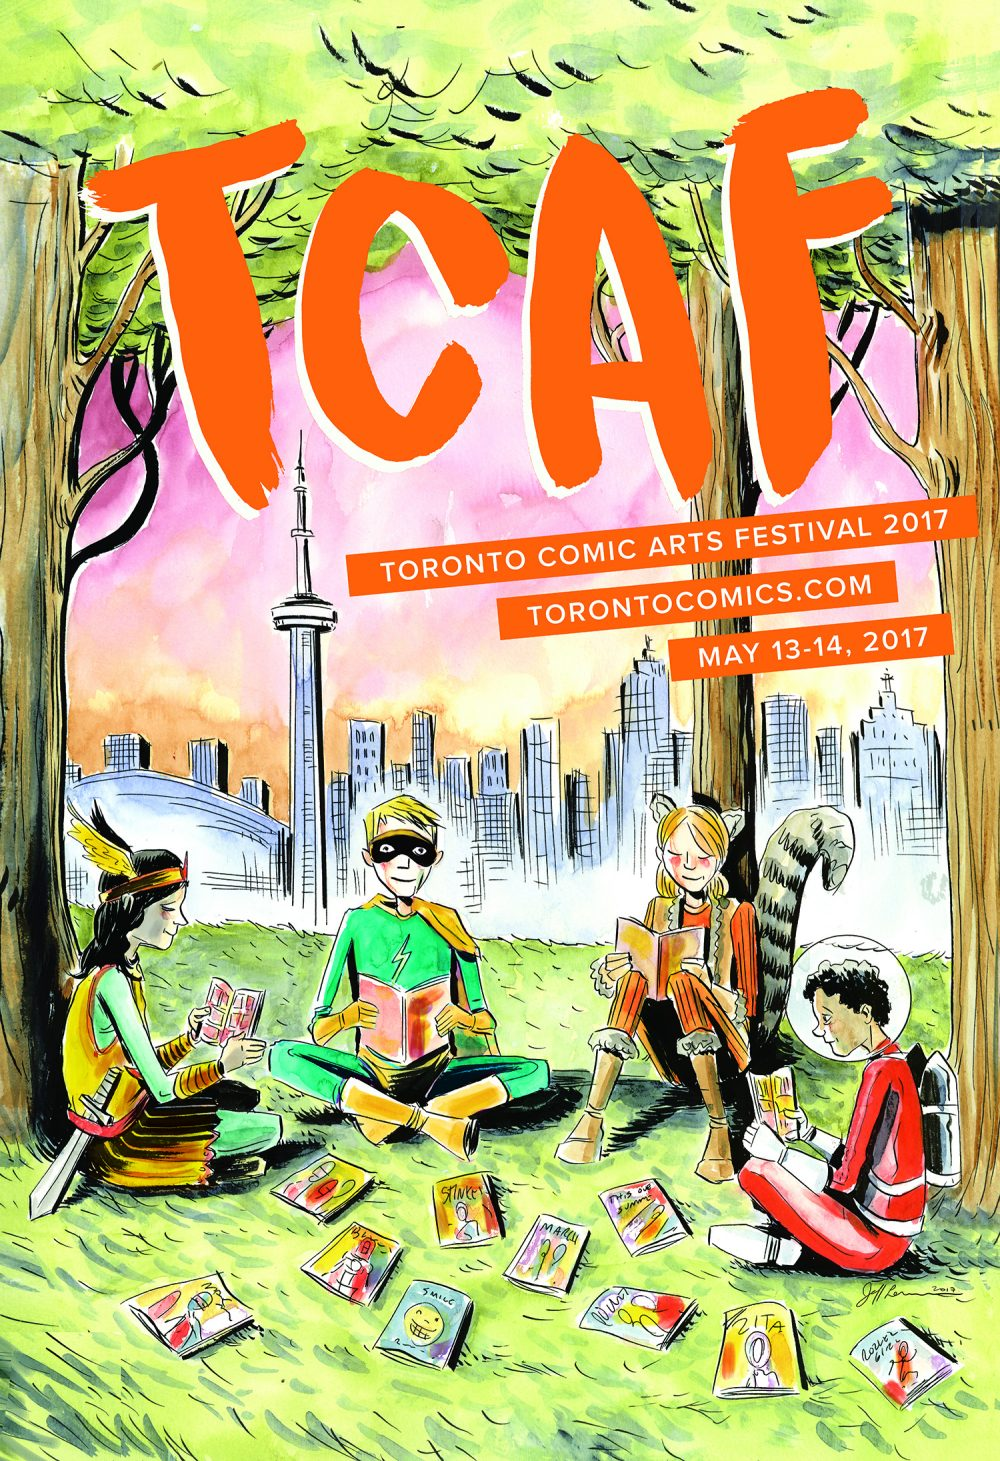 Os cartazes do Toronto Comic Arts Festival 2017, por Jeff Lemire e Sana Takeda